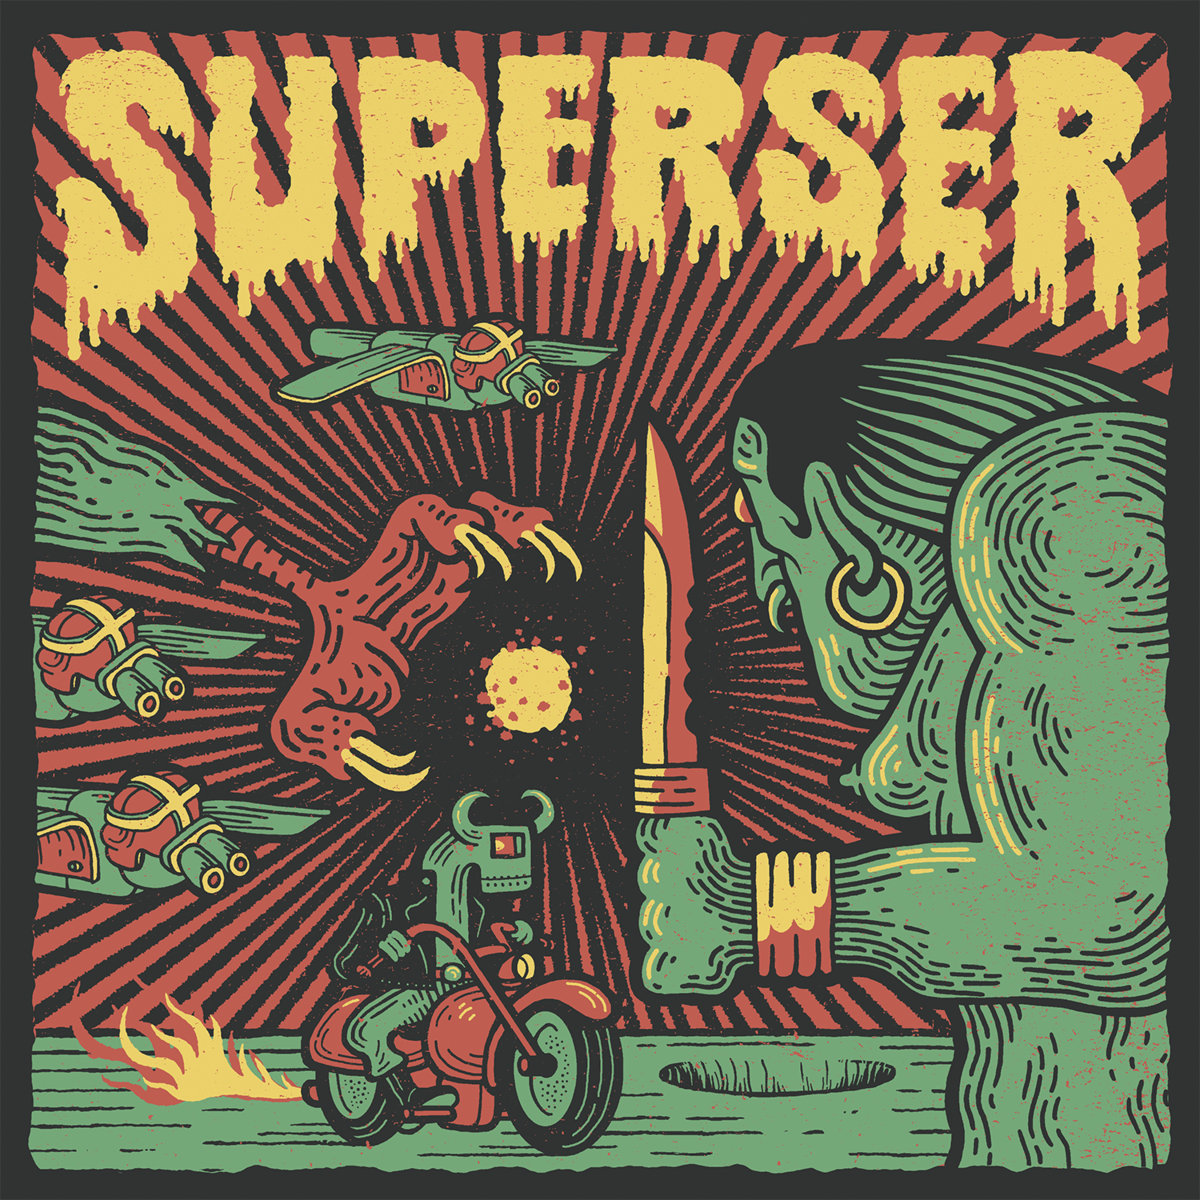 Superser - Radiaciones en la noche